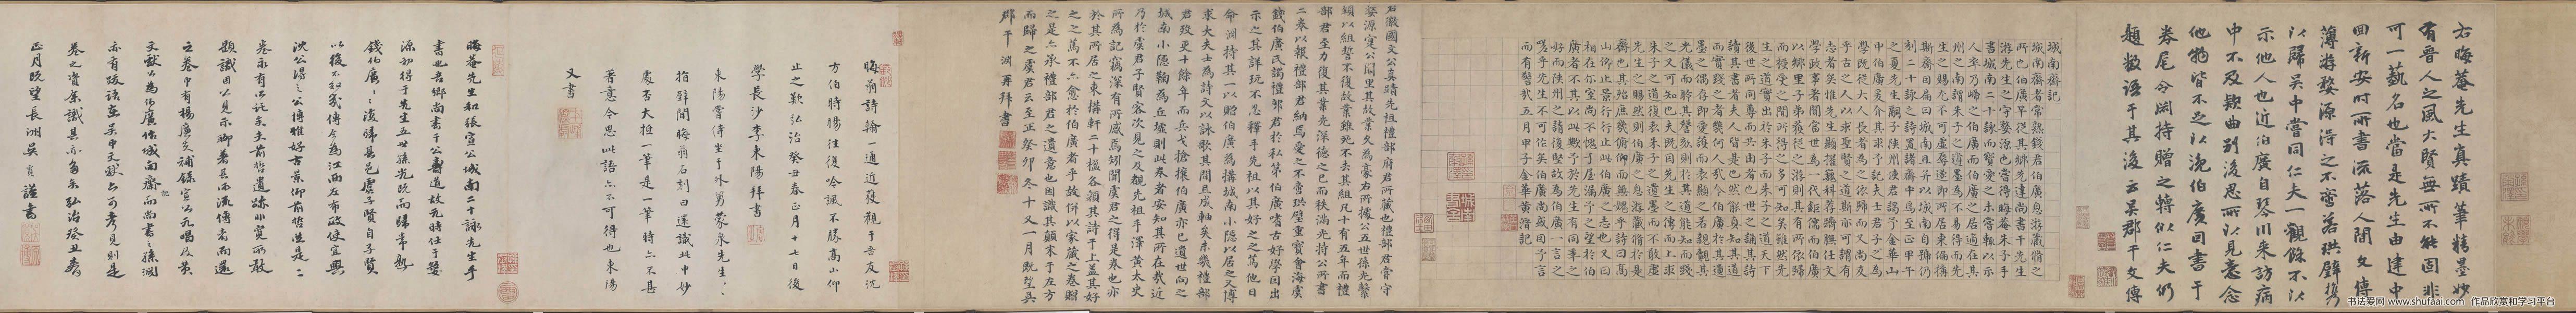 南宋朱熹城南唱和诗卷行书全卷第二段